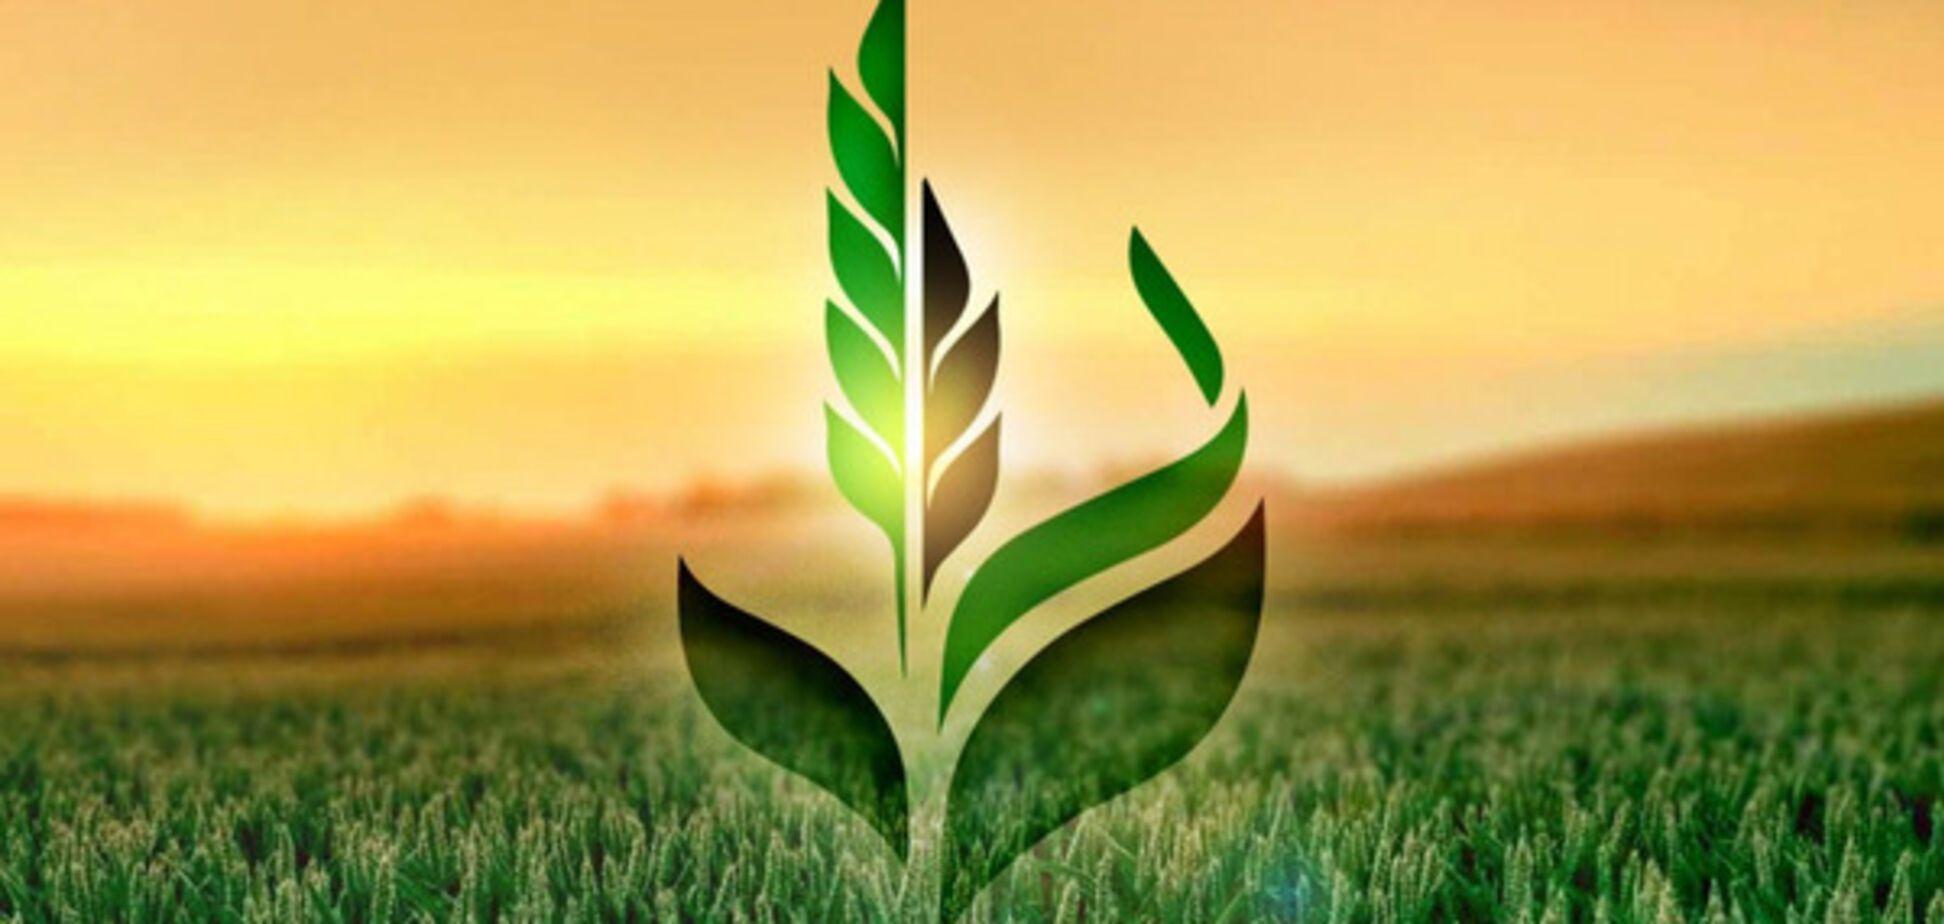 Кабмін затвердив фінансовий план Аграрному фонду на 2017 рік